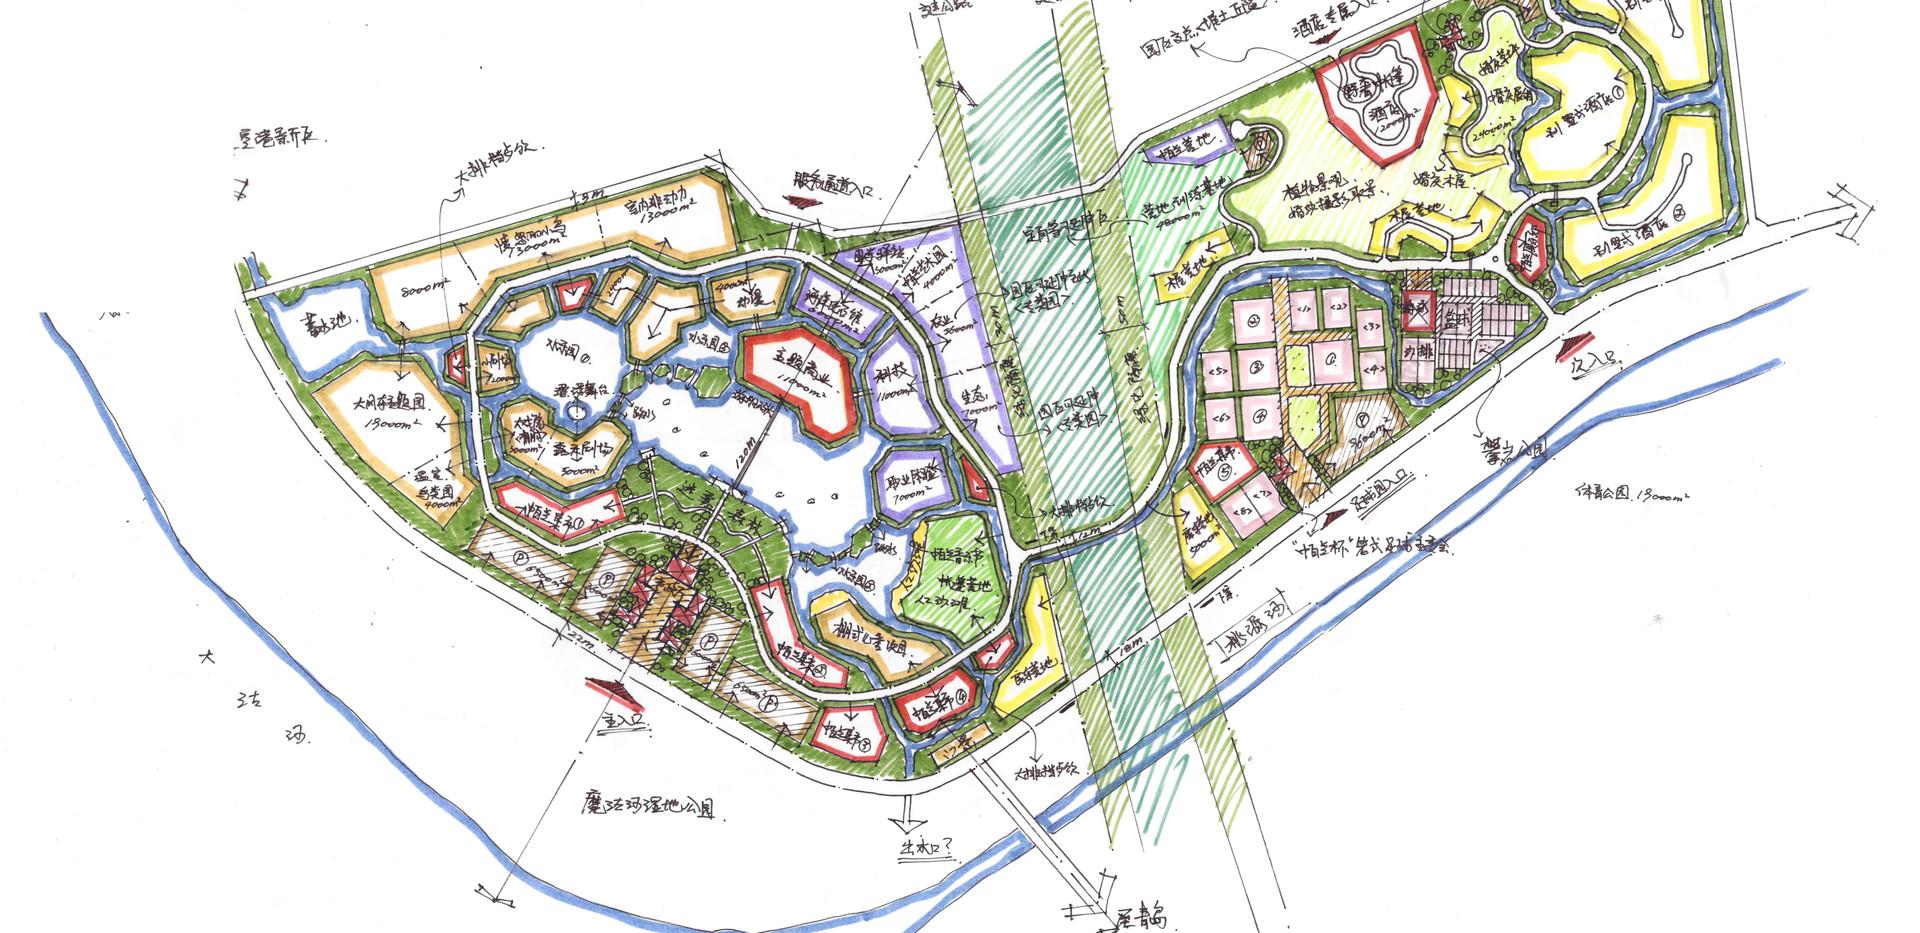 青岛帕兰王国主题乐园总体规划